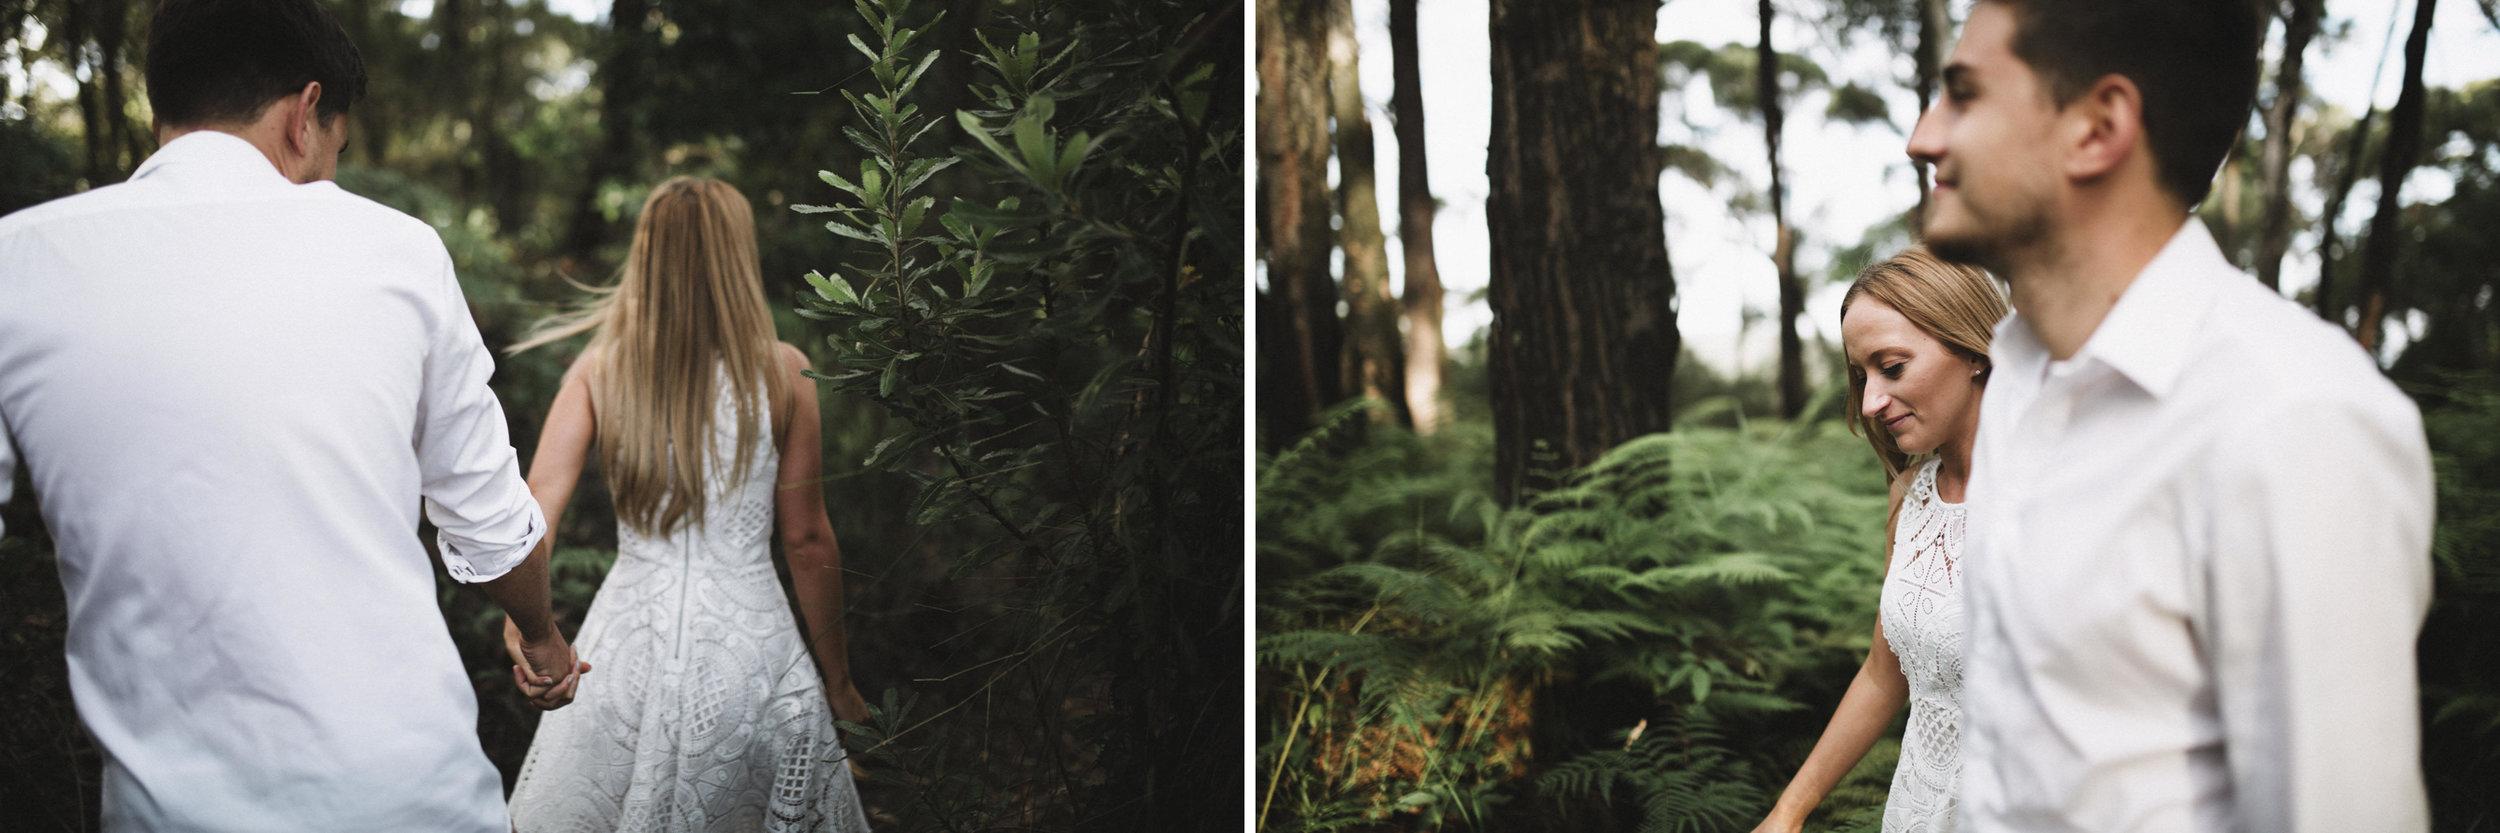 ElizaJadePhotography-12.jpg